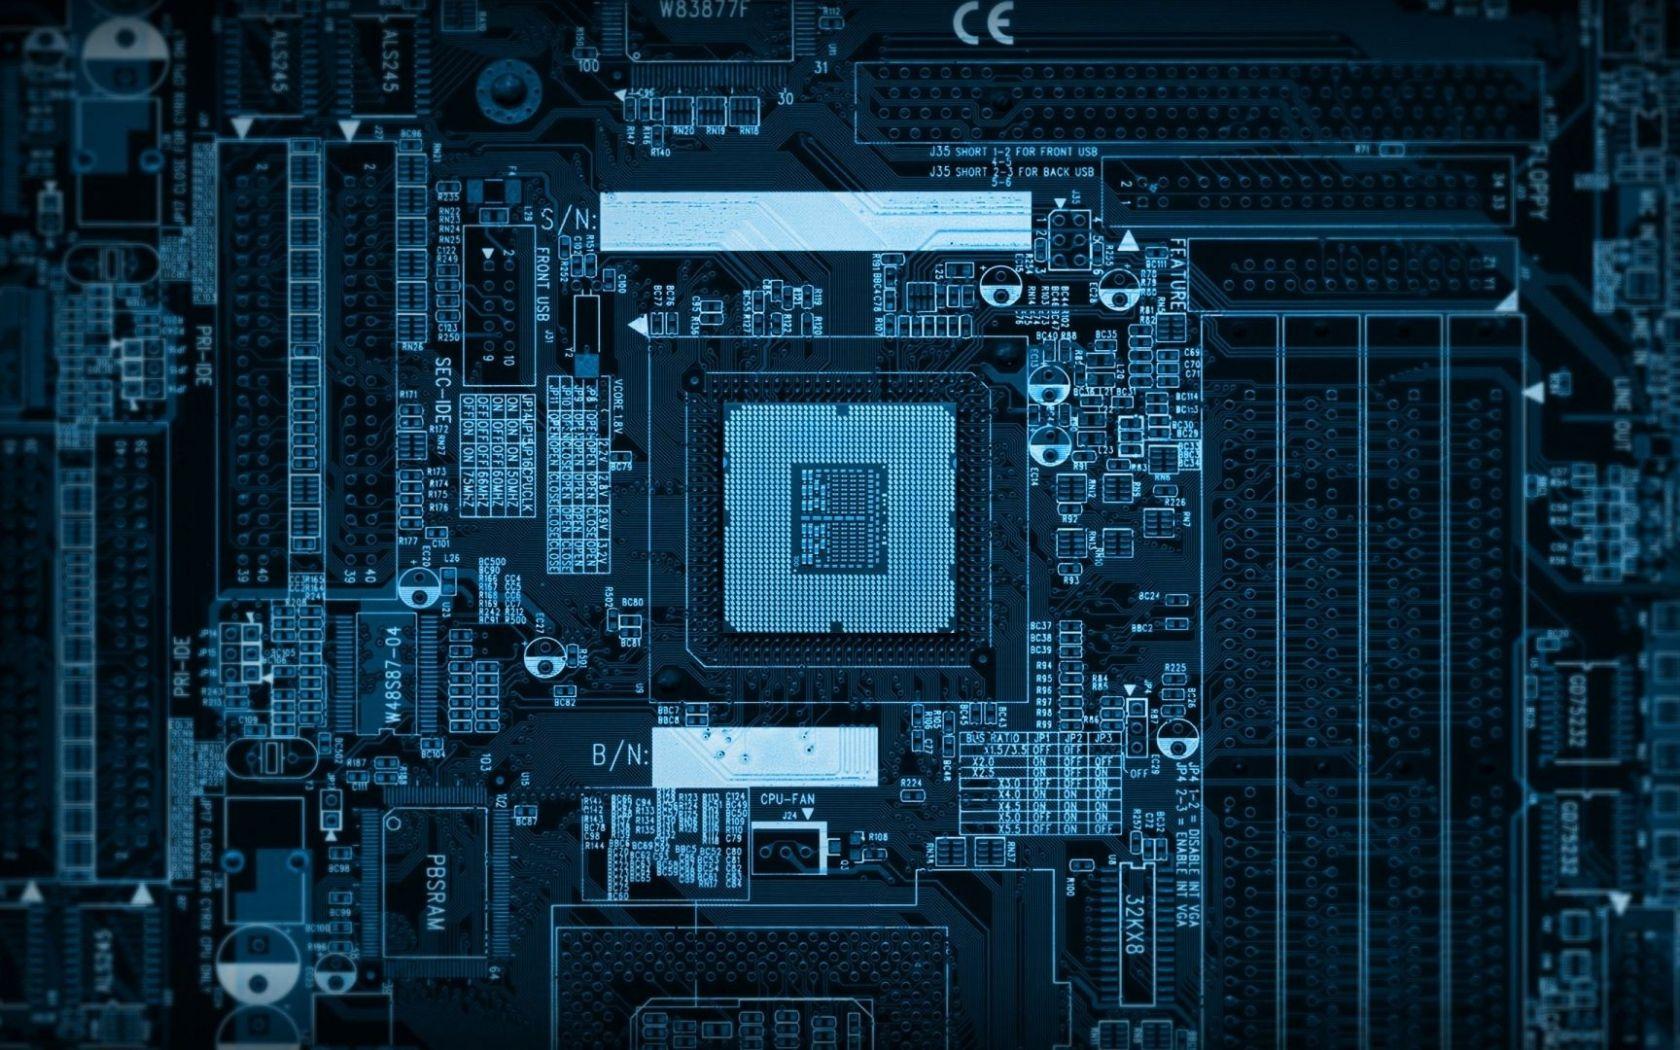 1680x1050 Wallpaper Chip Computer Microchip Processor Technology Wallpaper Hd Wallpaper Android Android Technology